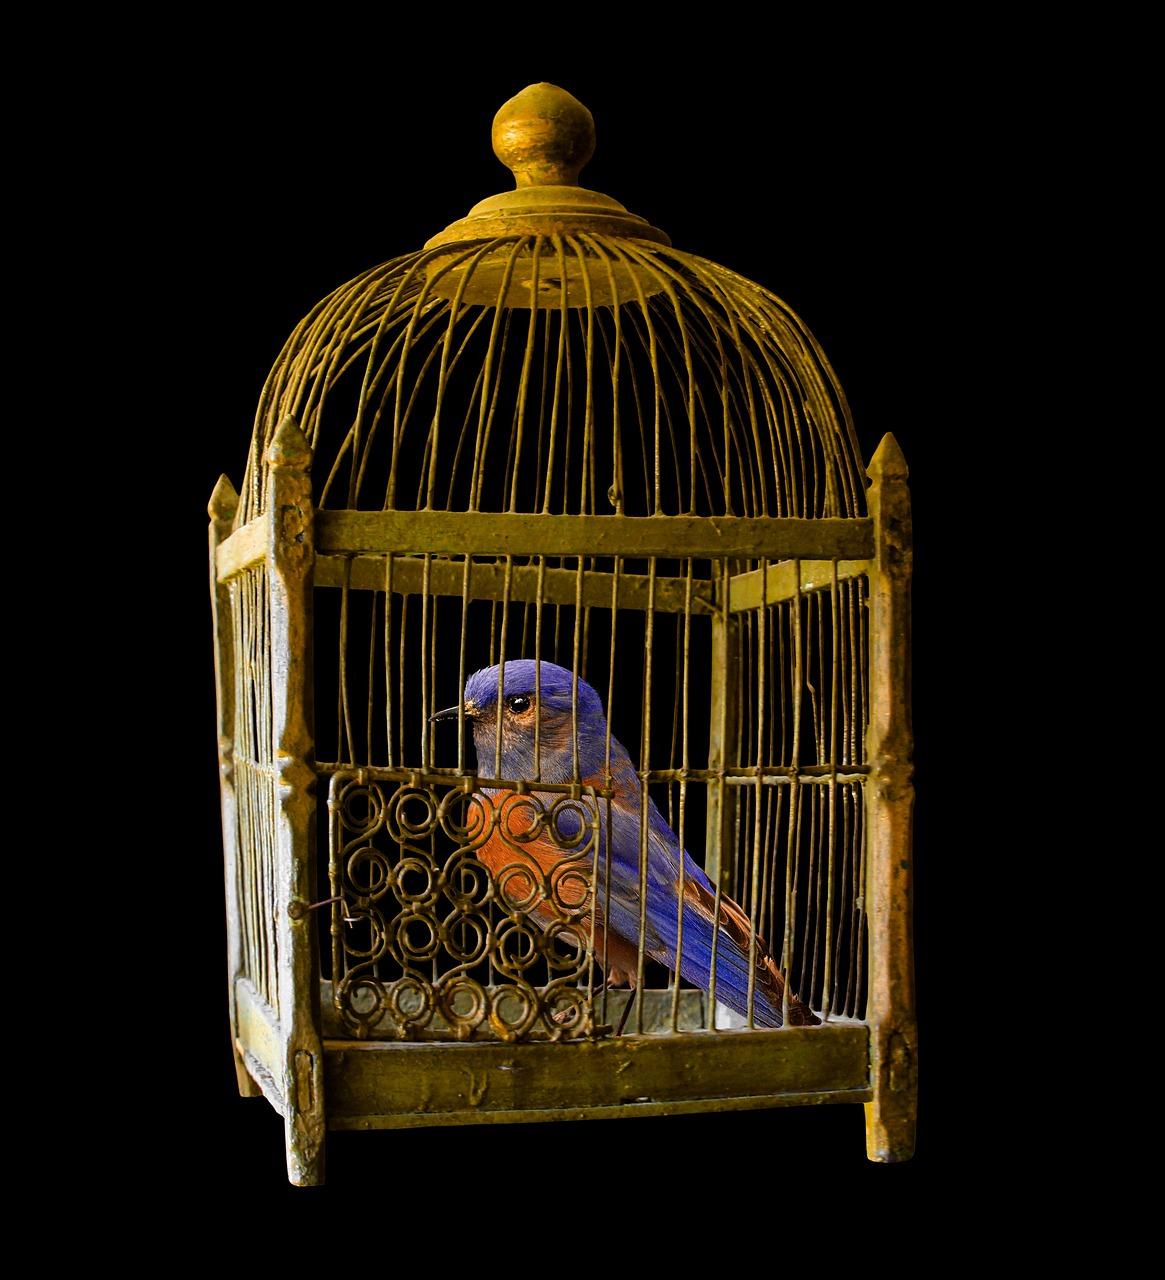 Сонник Посадить птицу в клетку. К чему снится Посадить птицу в